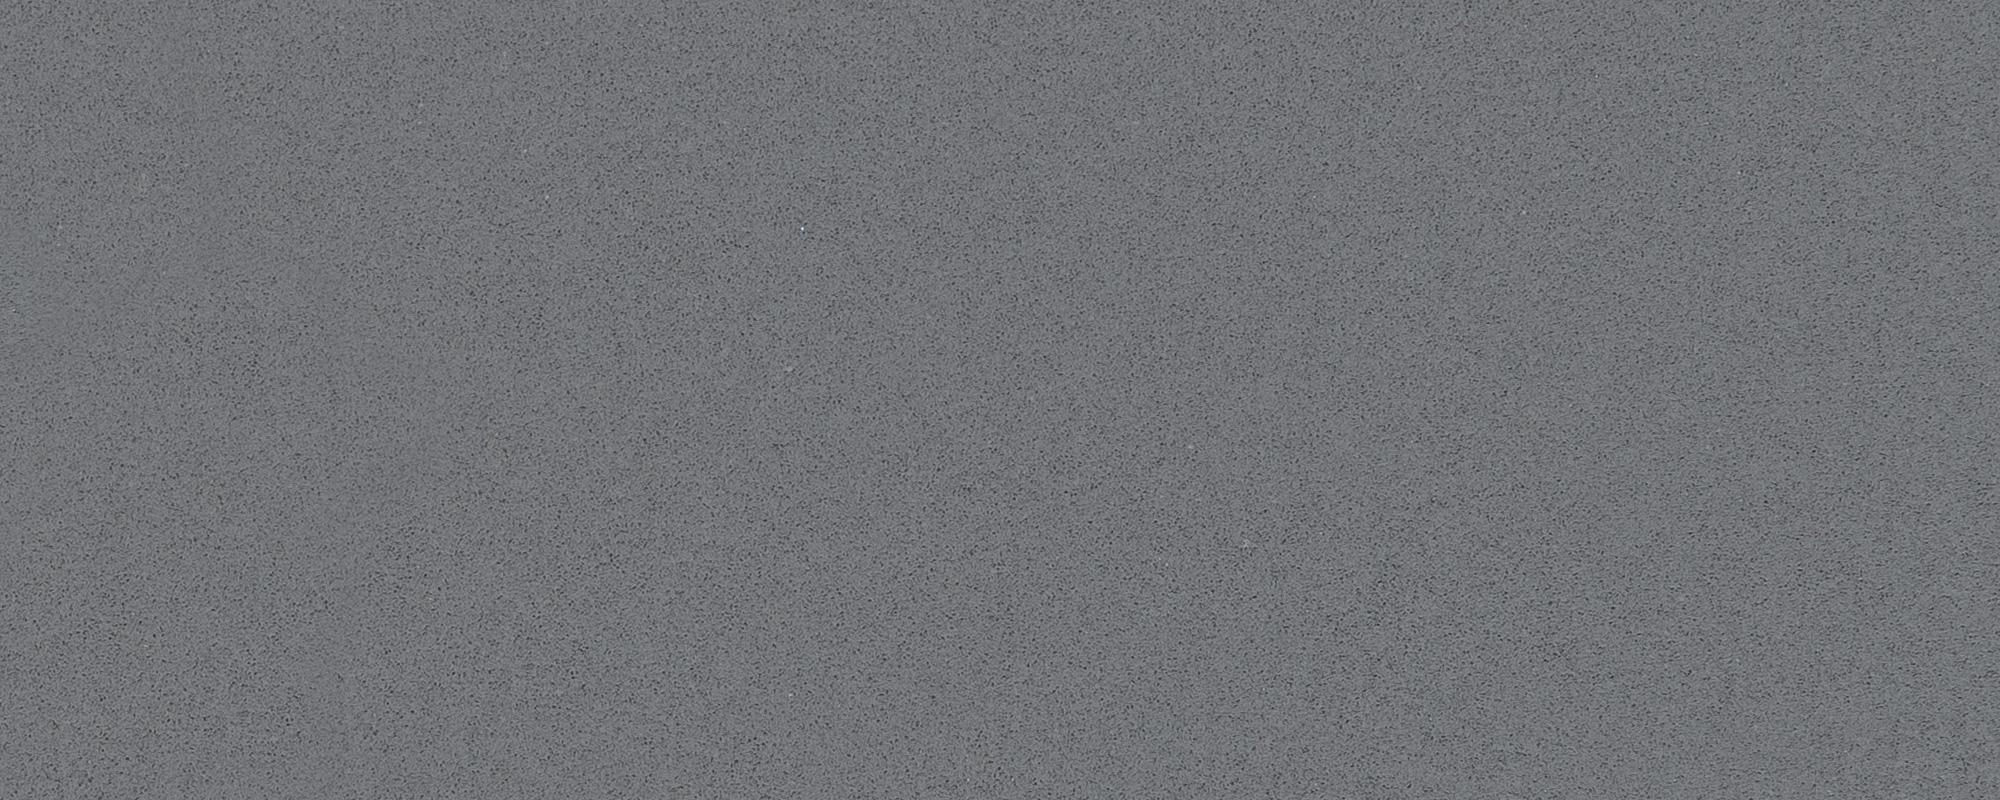 Cuarzo de color plomo colecci n genesis compac for Marmol color gris